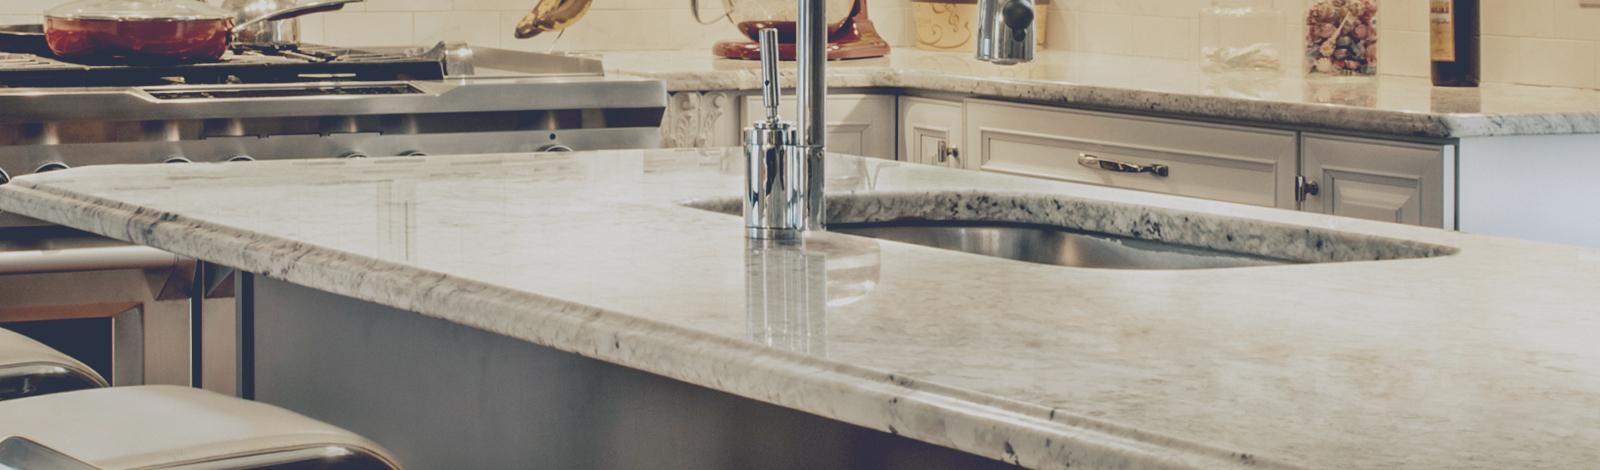 Comptoir de Cuisine et Vanité en Granite | Fabrique Plus